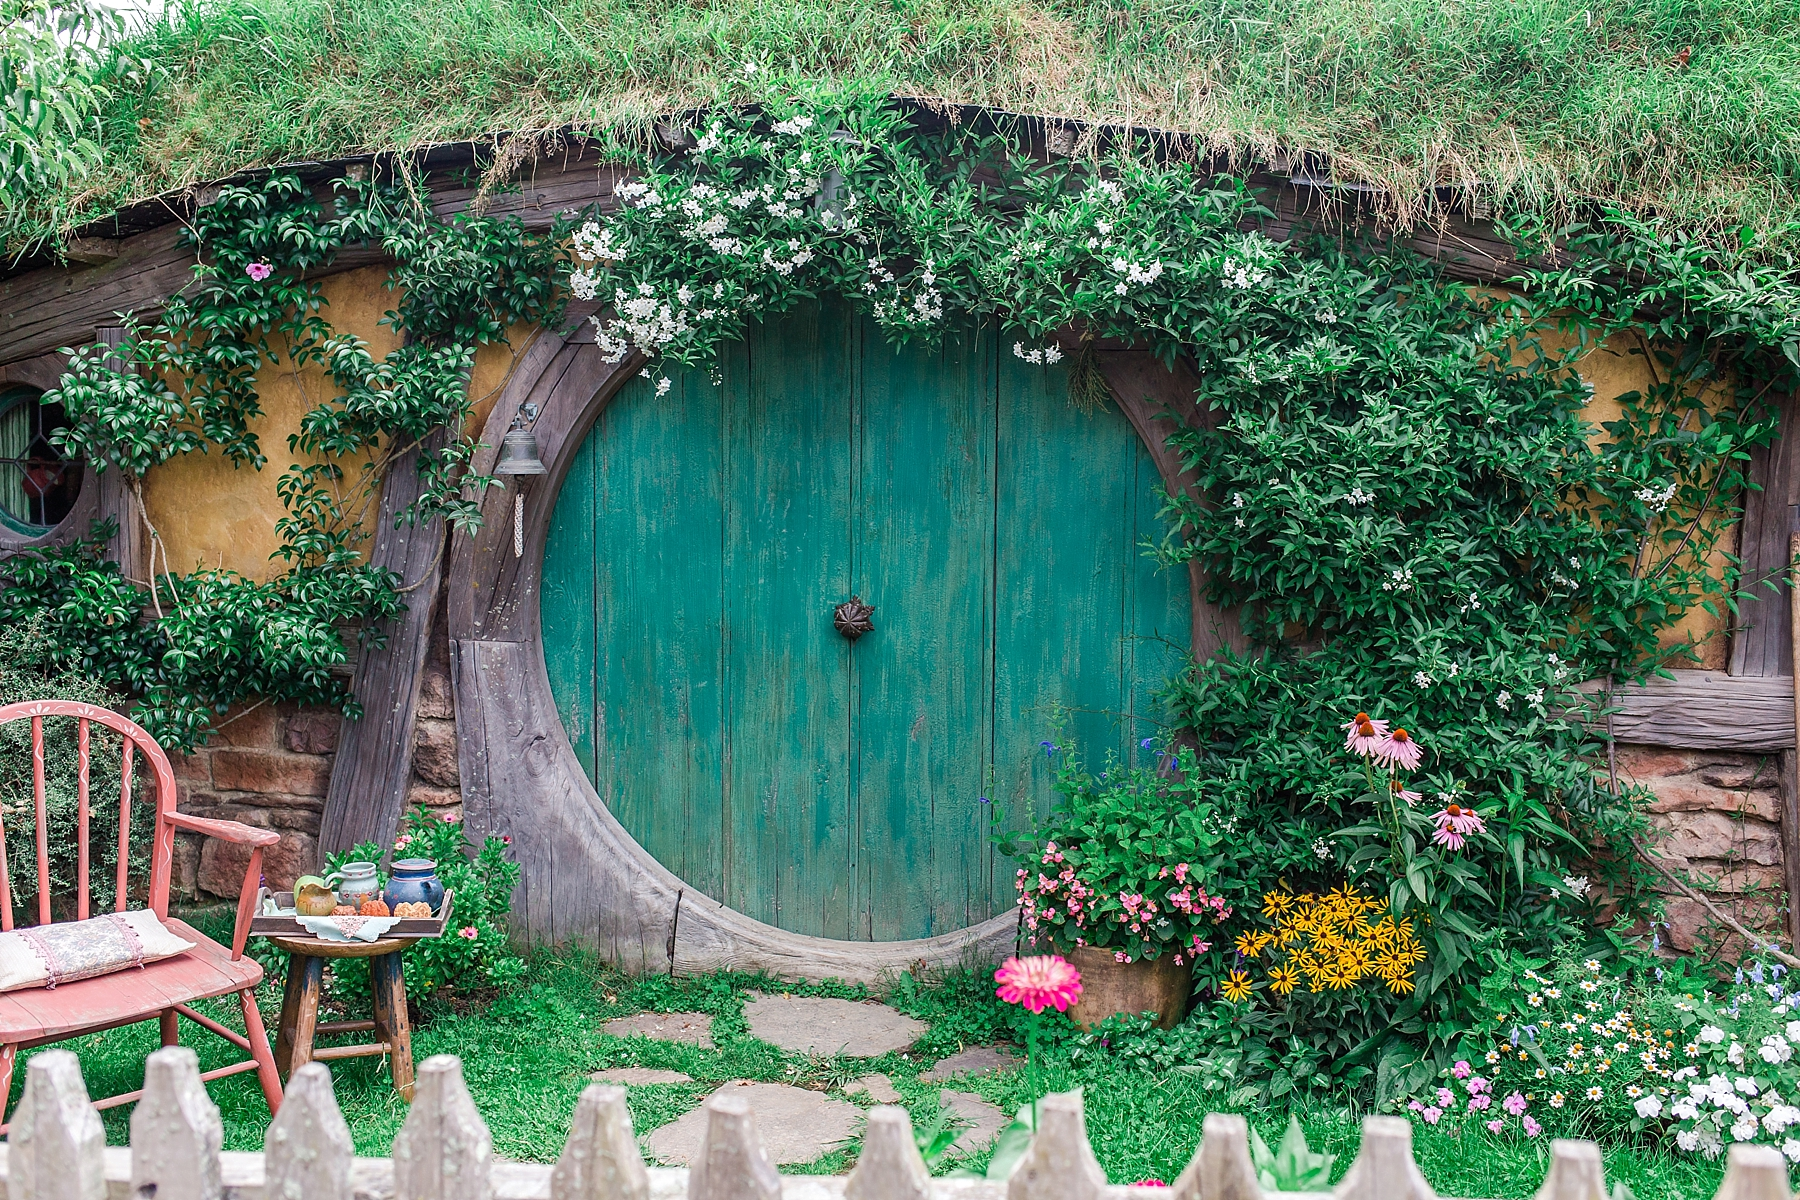 hobbiton-movie-set-matamata-hamilton-north-island-new-zealand-scenery_0258.jpg